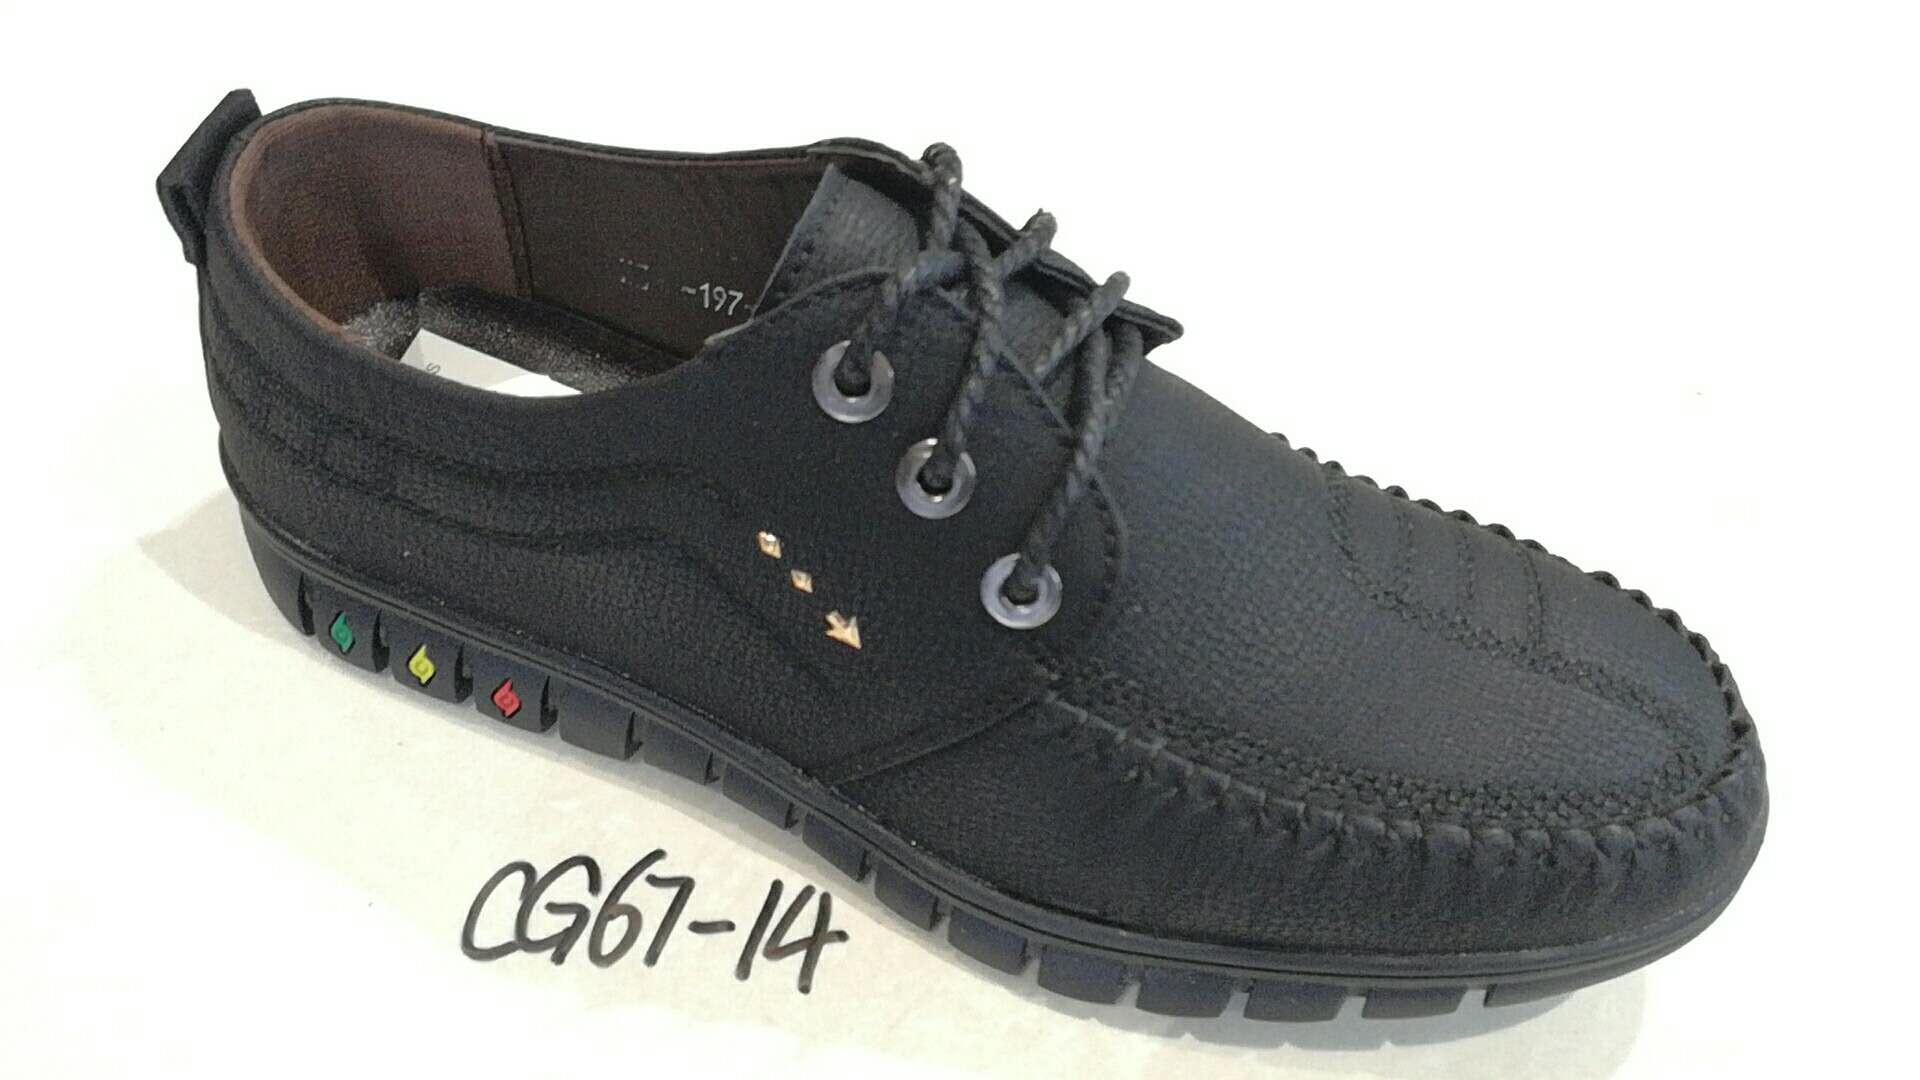 2020男士新款休闲时尚鞋PU皮鞋单鞋时尚秋冬款套口系带鞋订制